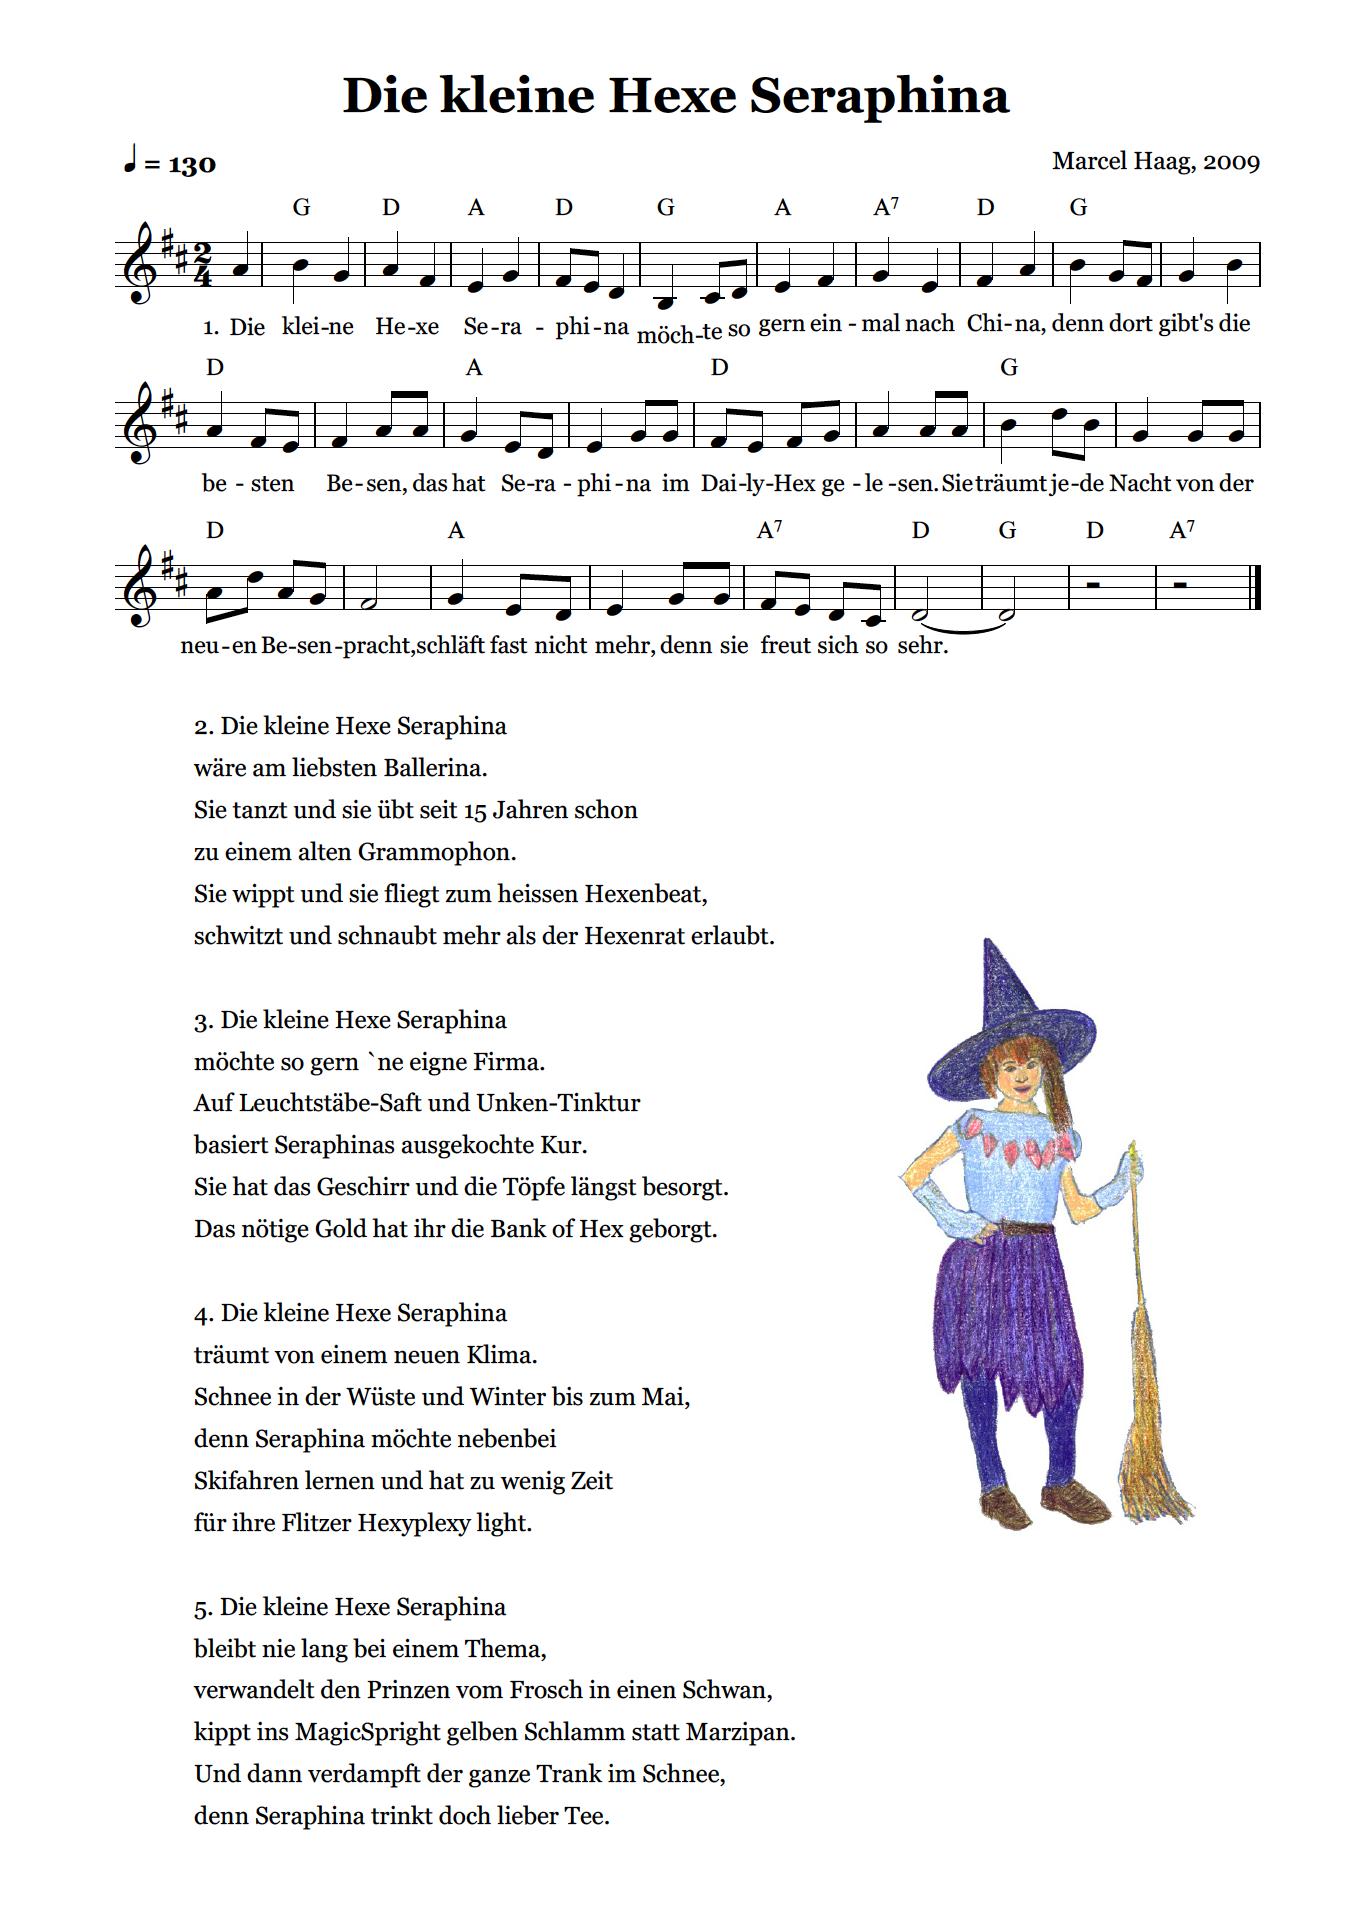 Die kleine Hexe Seraphina by Marcel Haag - Lyrics und Noten